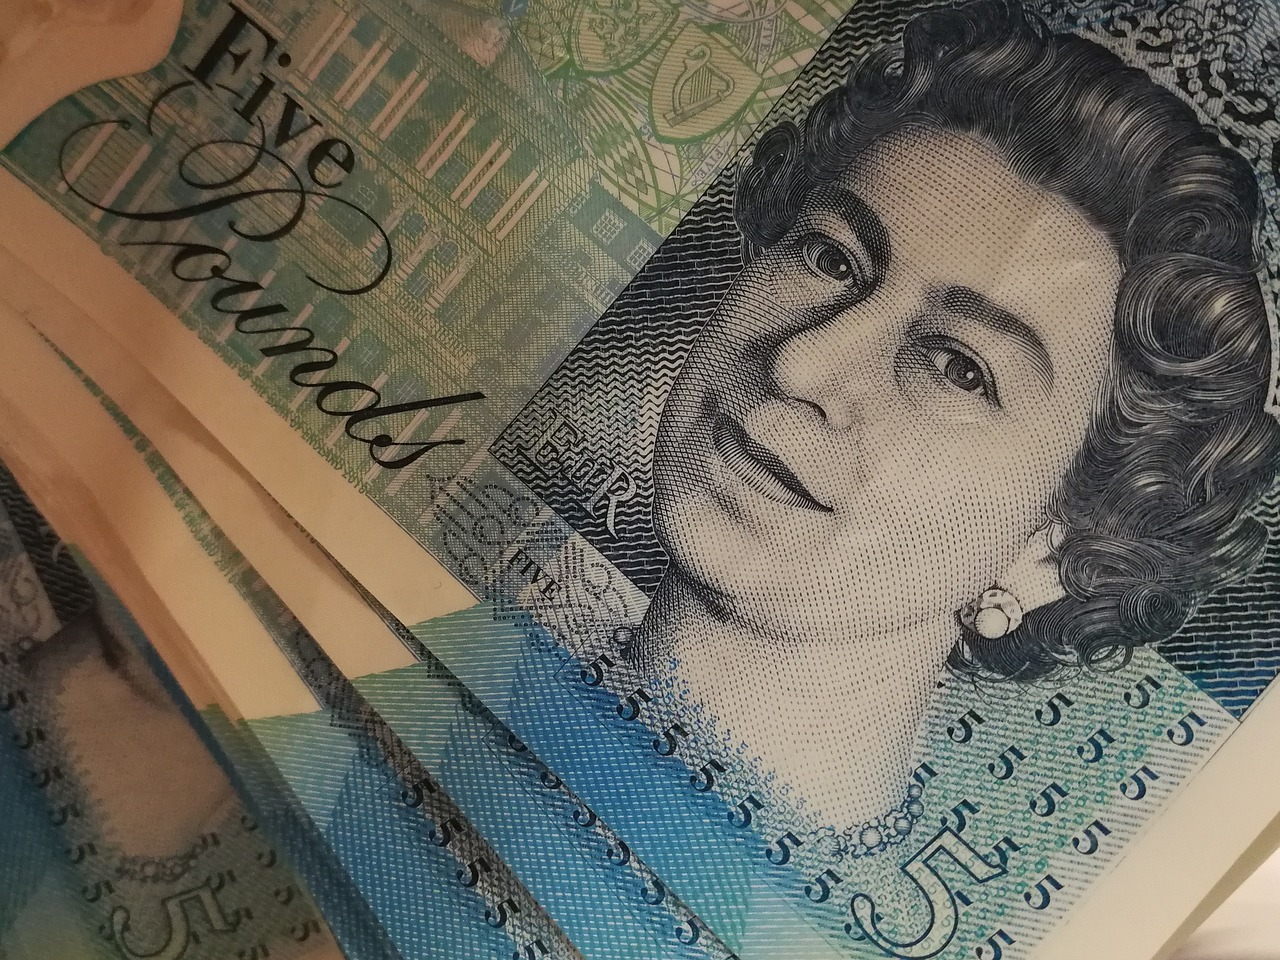 Praca w Anglii – jak uzyskać zwrot podatku? Rozliczenia podatkowe w UK